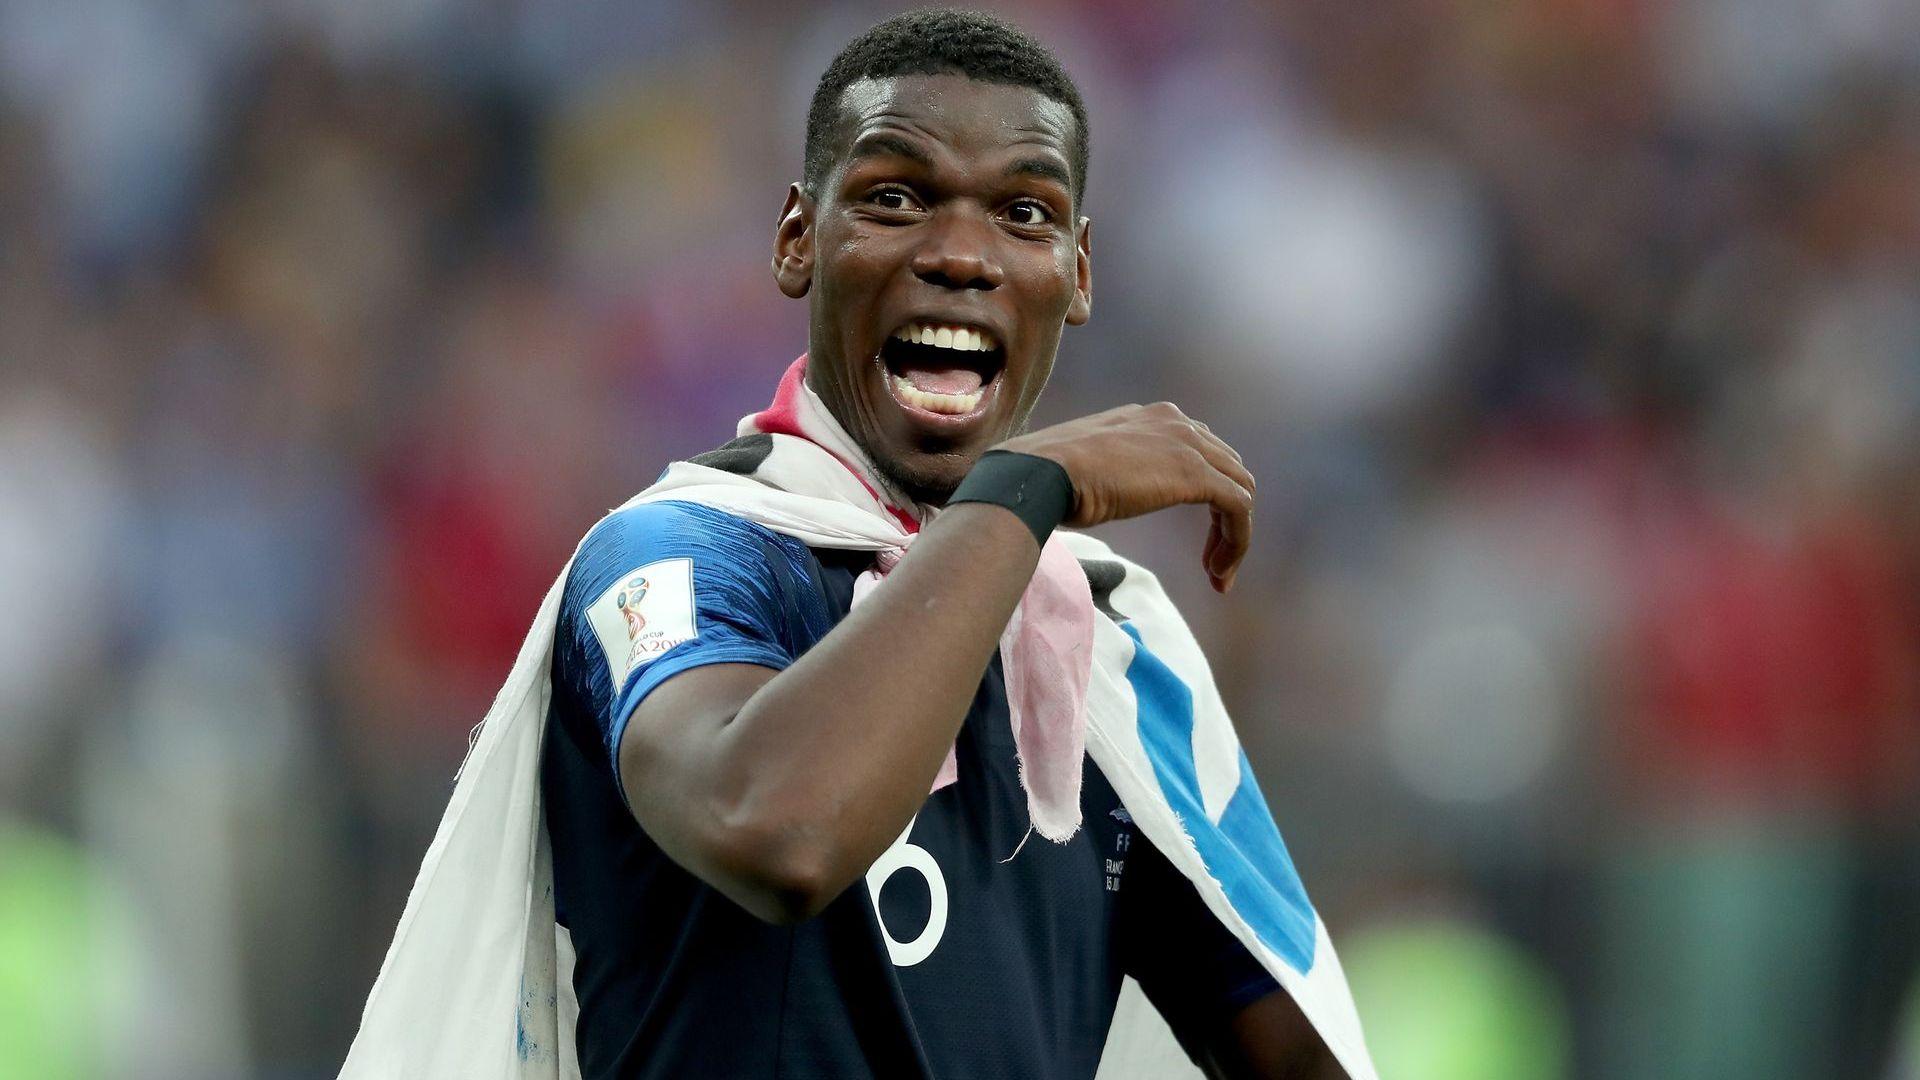 Погба ще съди жълтите издания, излъгали за отказването му от националния отбор